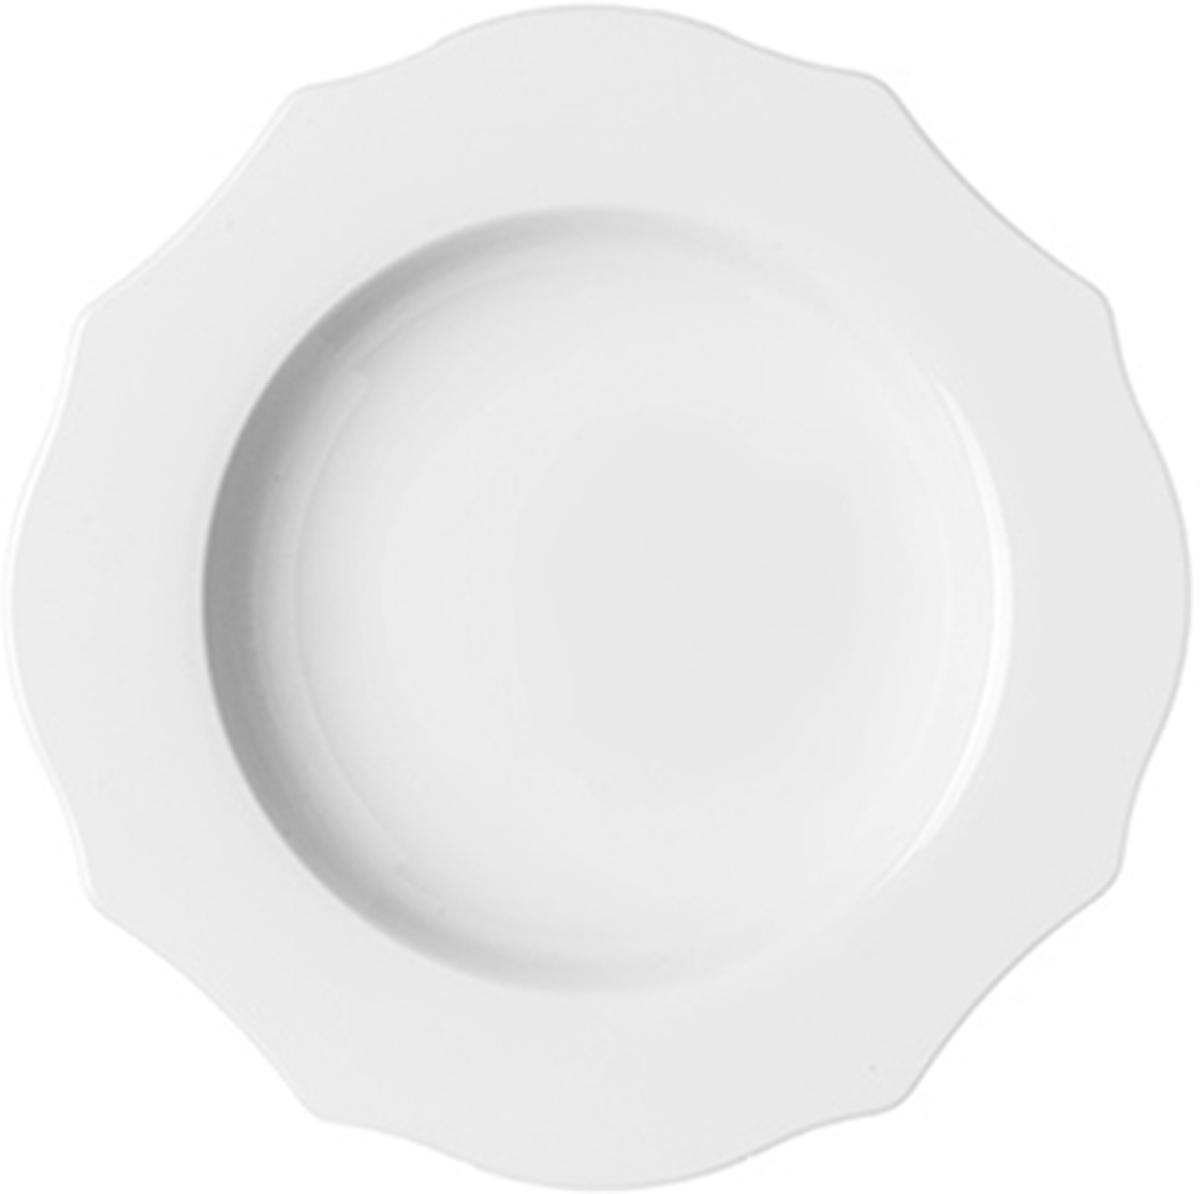 Тарелка для супа Guzzini Belle Epoque, цвет: белый, диаметр 24 см29140111Тарелка для супа Guzzini Belle Epoque выполнена из фарфора. Главная идея коллекции Belle Epoque - воплотить в современном дизайне классические формы и элементы прошлого, используя новейшие материалы и способы производства. Неровные, угловатые края тарелки в сочетании с чистым белым цветом добавляют ей изысканности и лаконичности, которая украсит стол как в праздничные дни, так и в будни. Используйте глубокую тарелку для подачи горячих и холодных супов, солянок и каш. Можно мыть в посудомоечной машине и использовать в микроволновой печи.